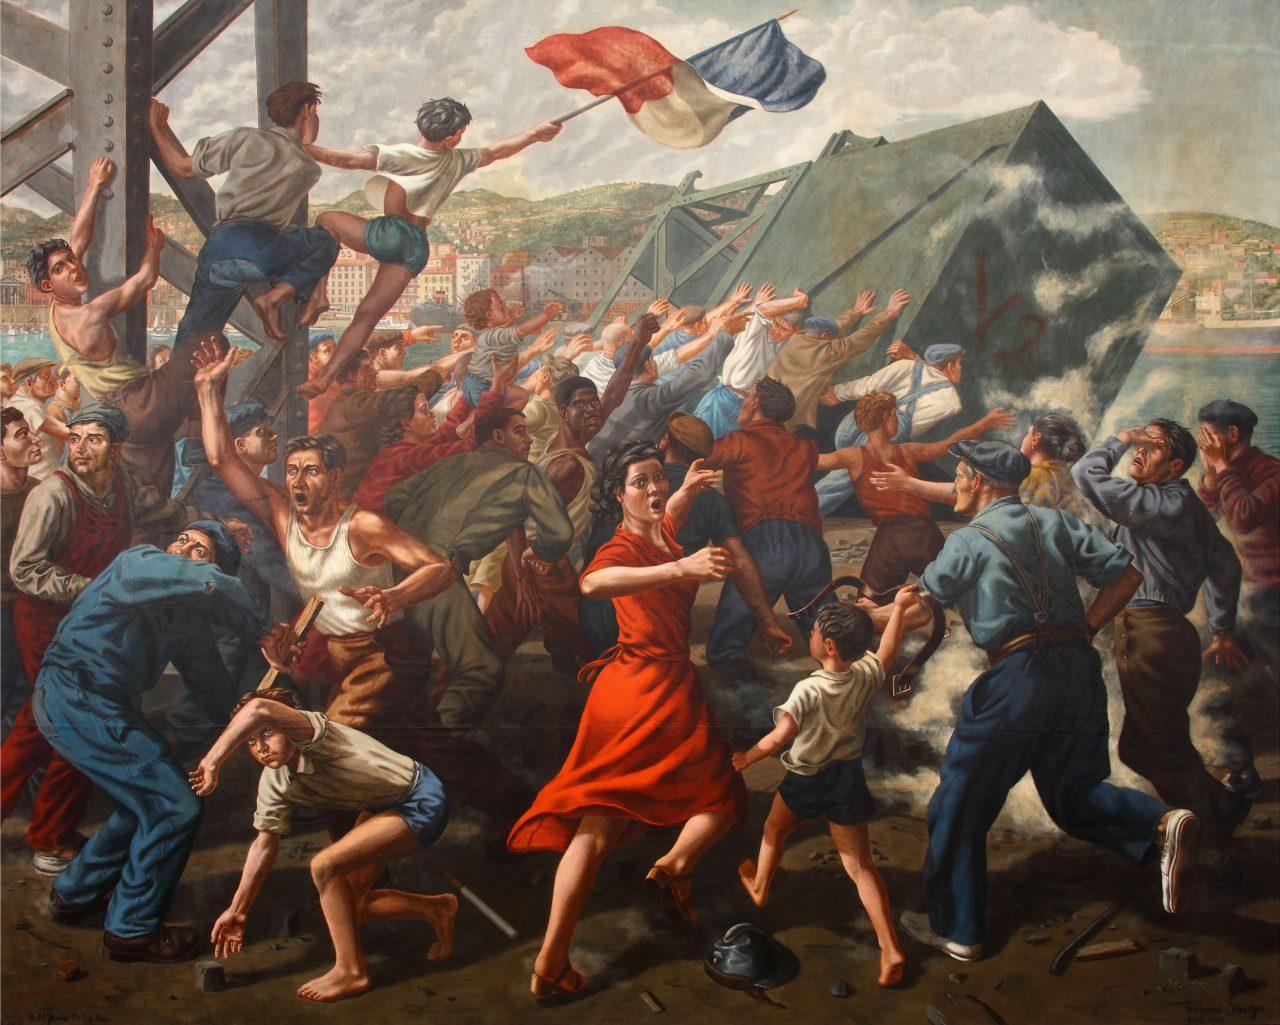 Gérard Singer, 14 lutego wNicei (Le 14 février à Nice), 1950-1951, olej napłótnie, 350 x 440 cm, własność: Muzeum Narodowe wSzczecinie. Źródło: Wikimedia Commons.